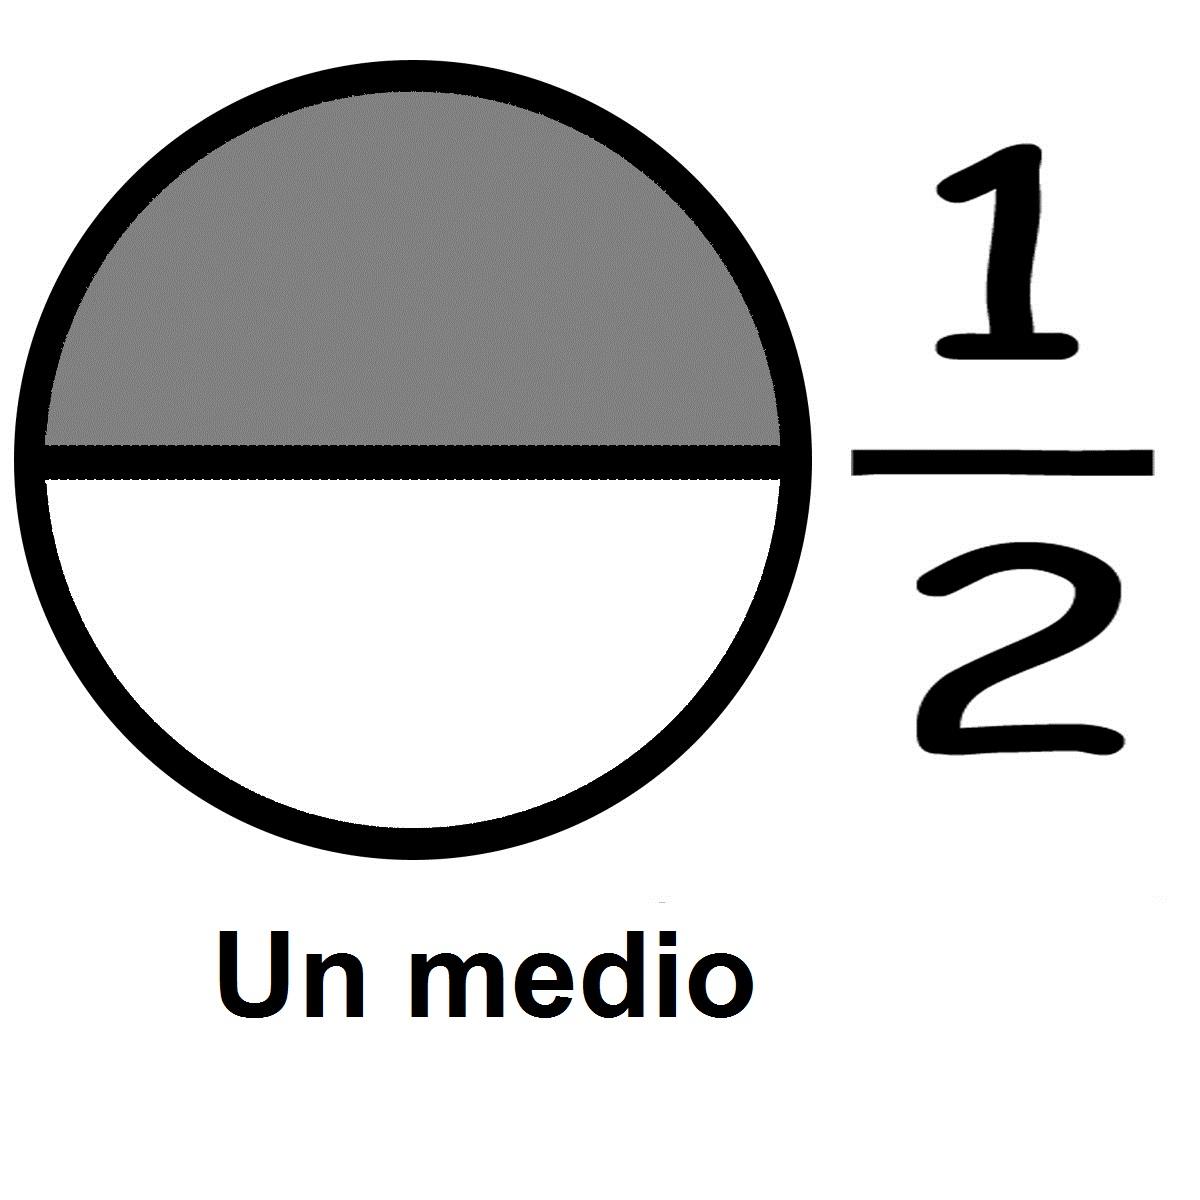 Un medio